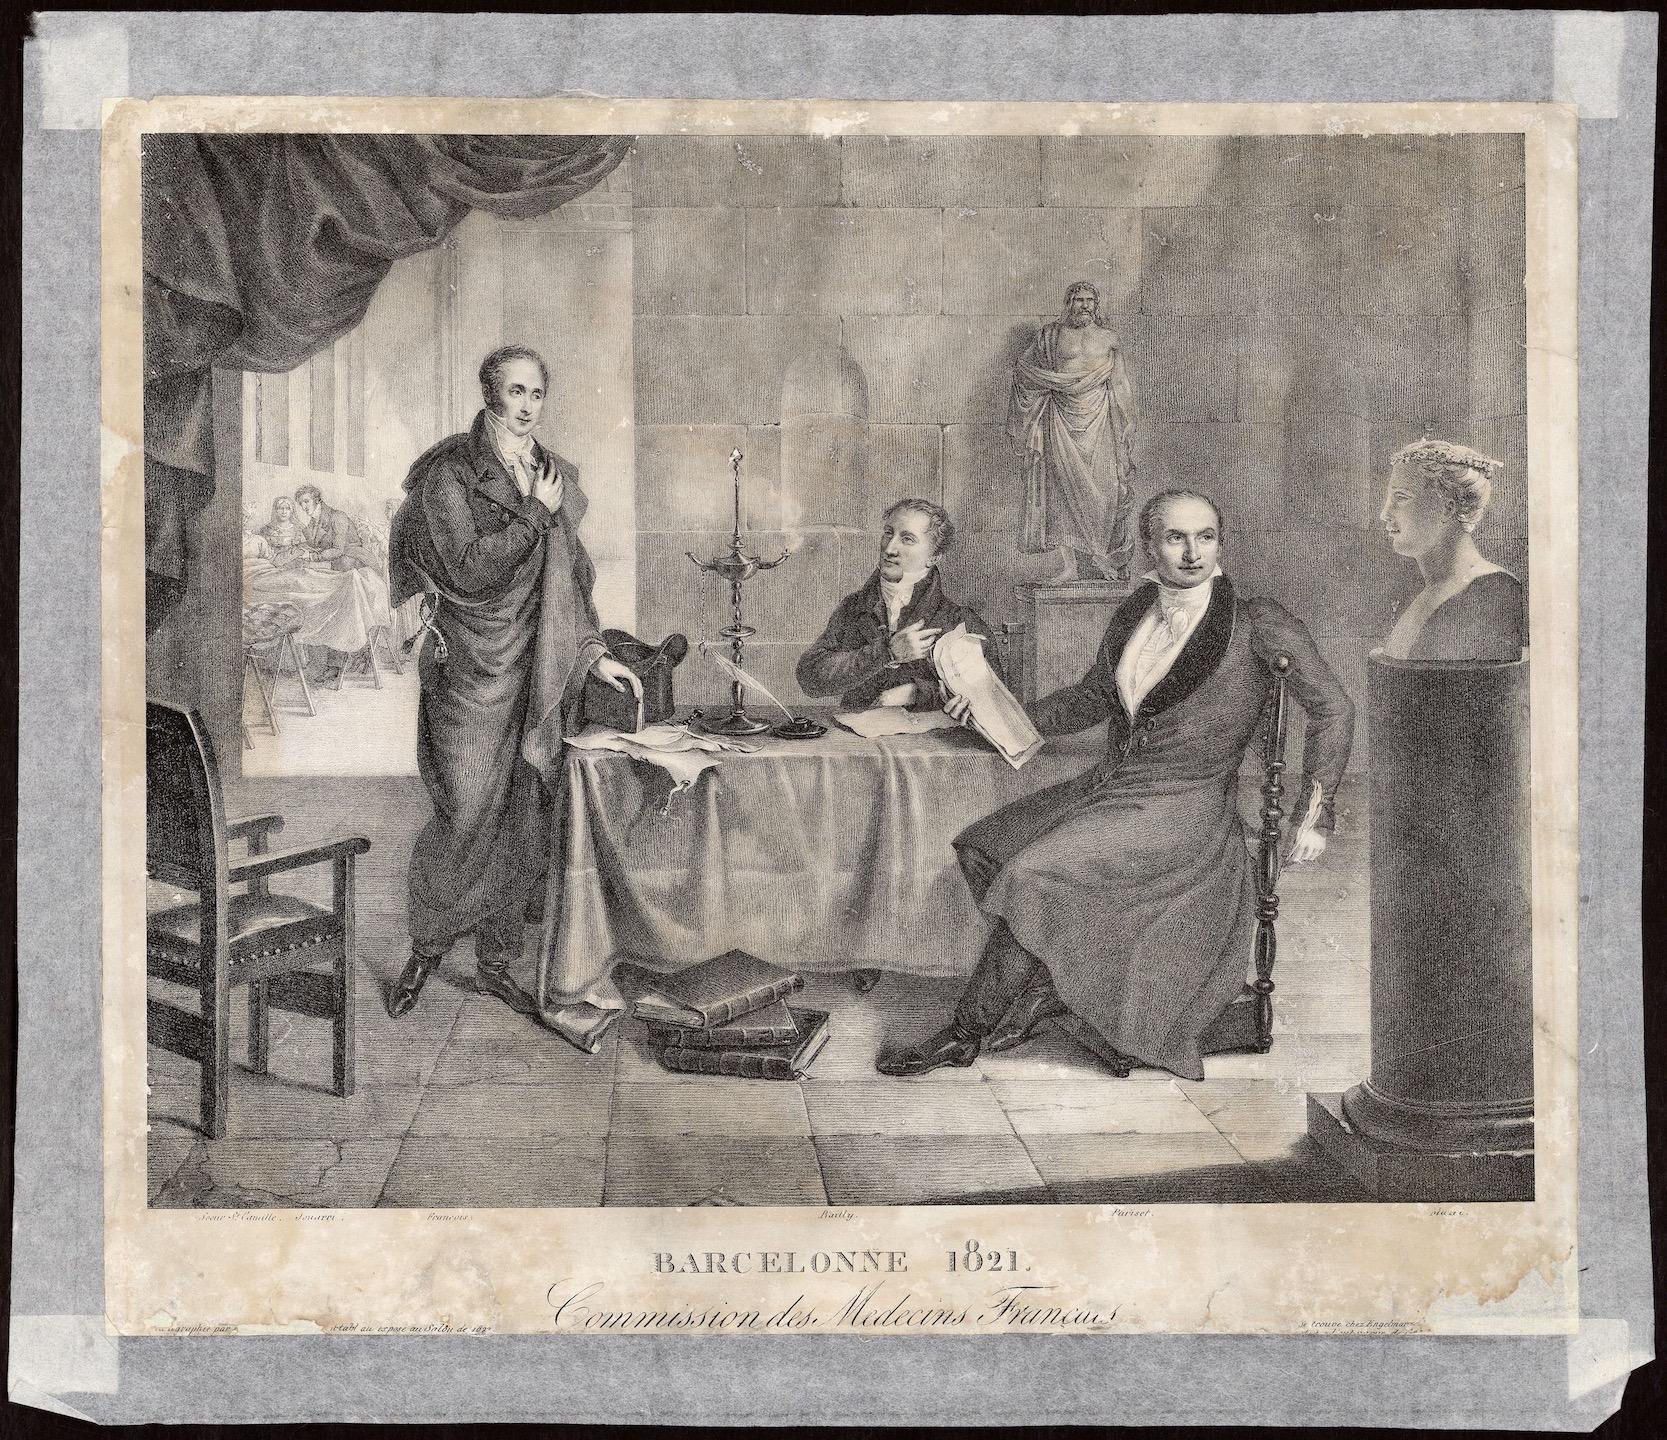 Barcelonne 1821. Commission Des Medecins Français. AHCB 18437